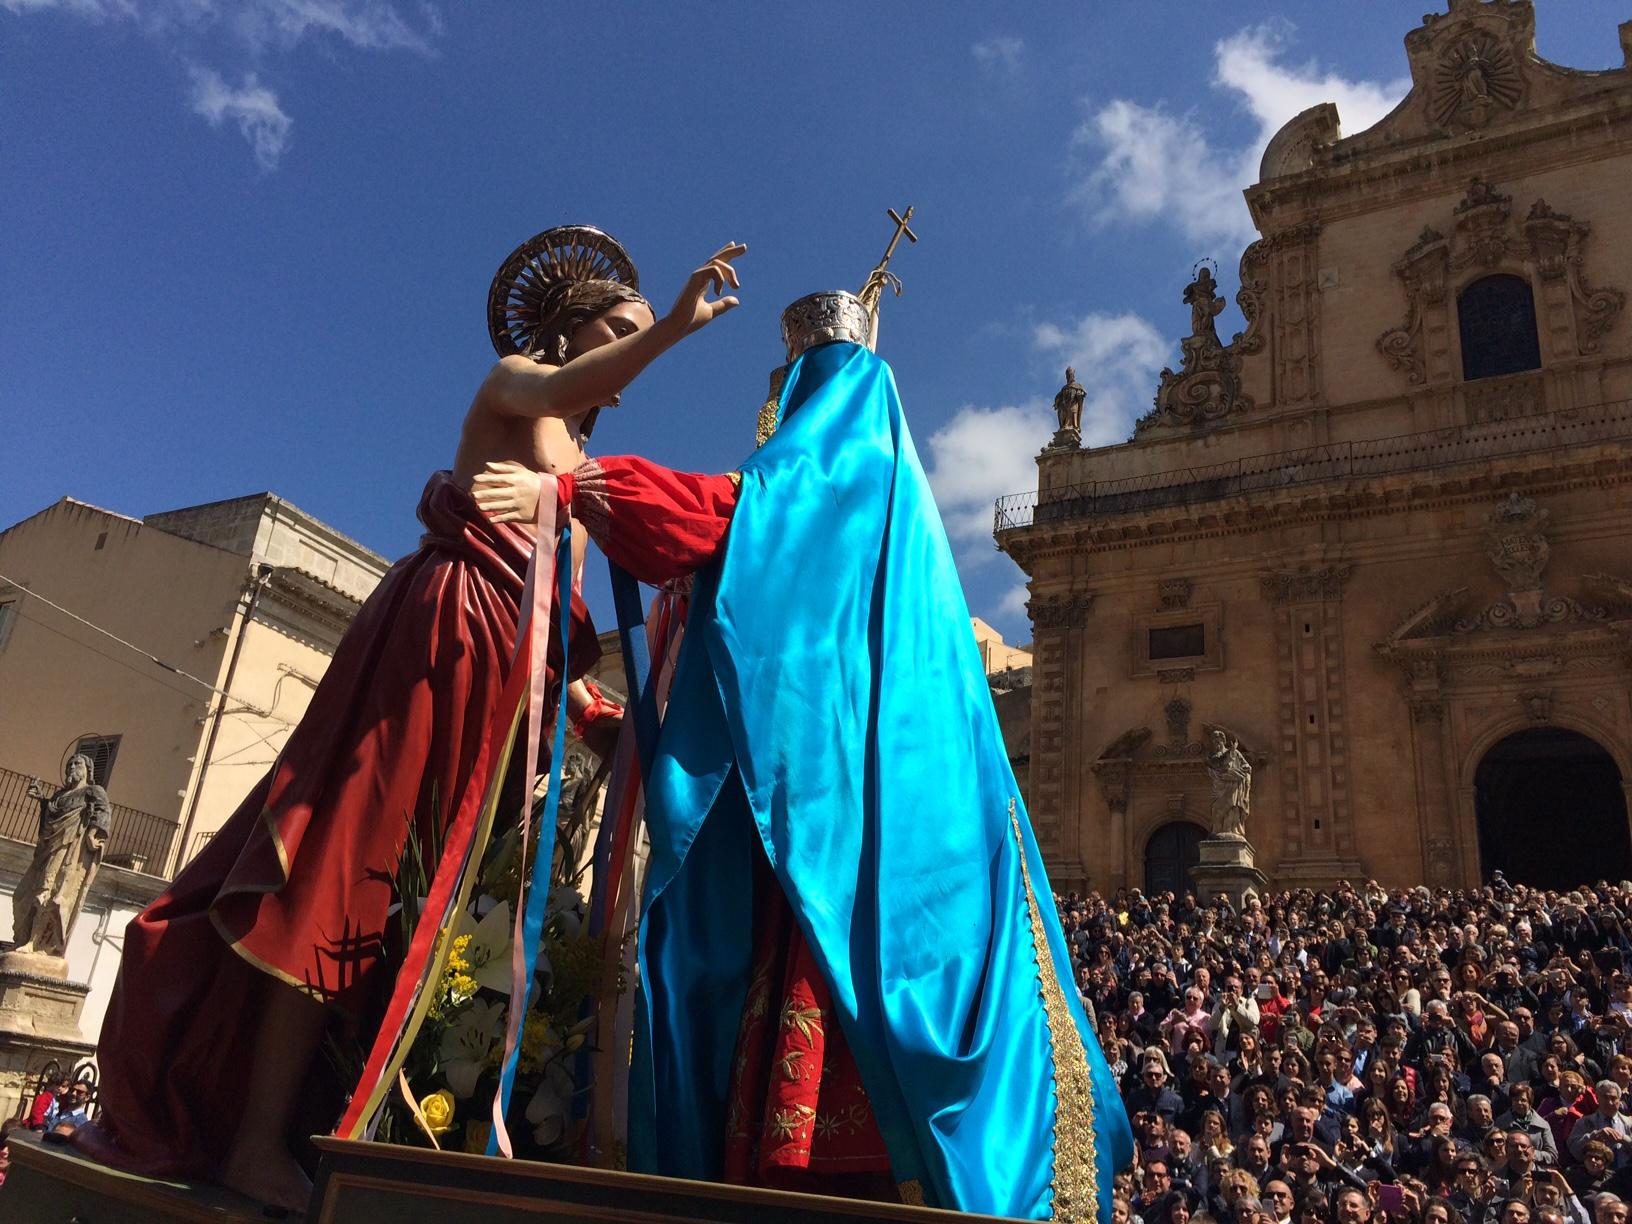 Pasqua 2015 a Modica, la Madre incontra il Figlio e la folla esulta